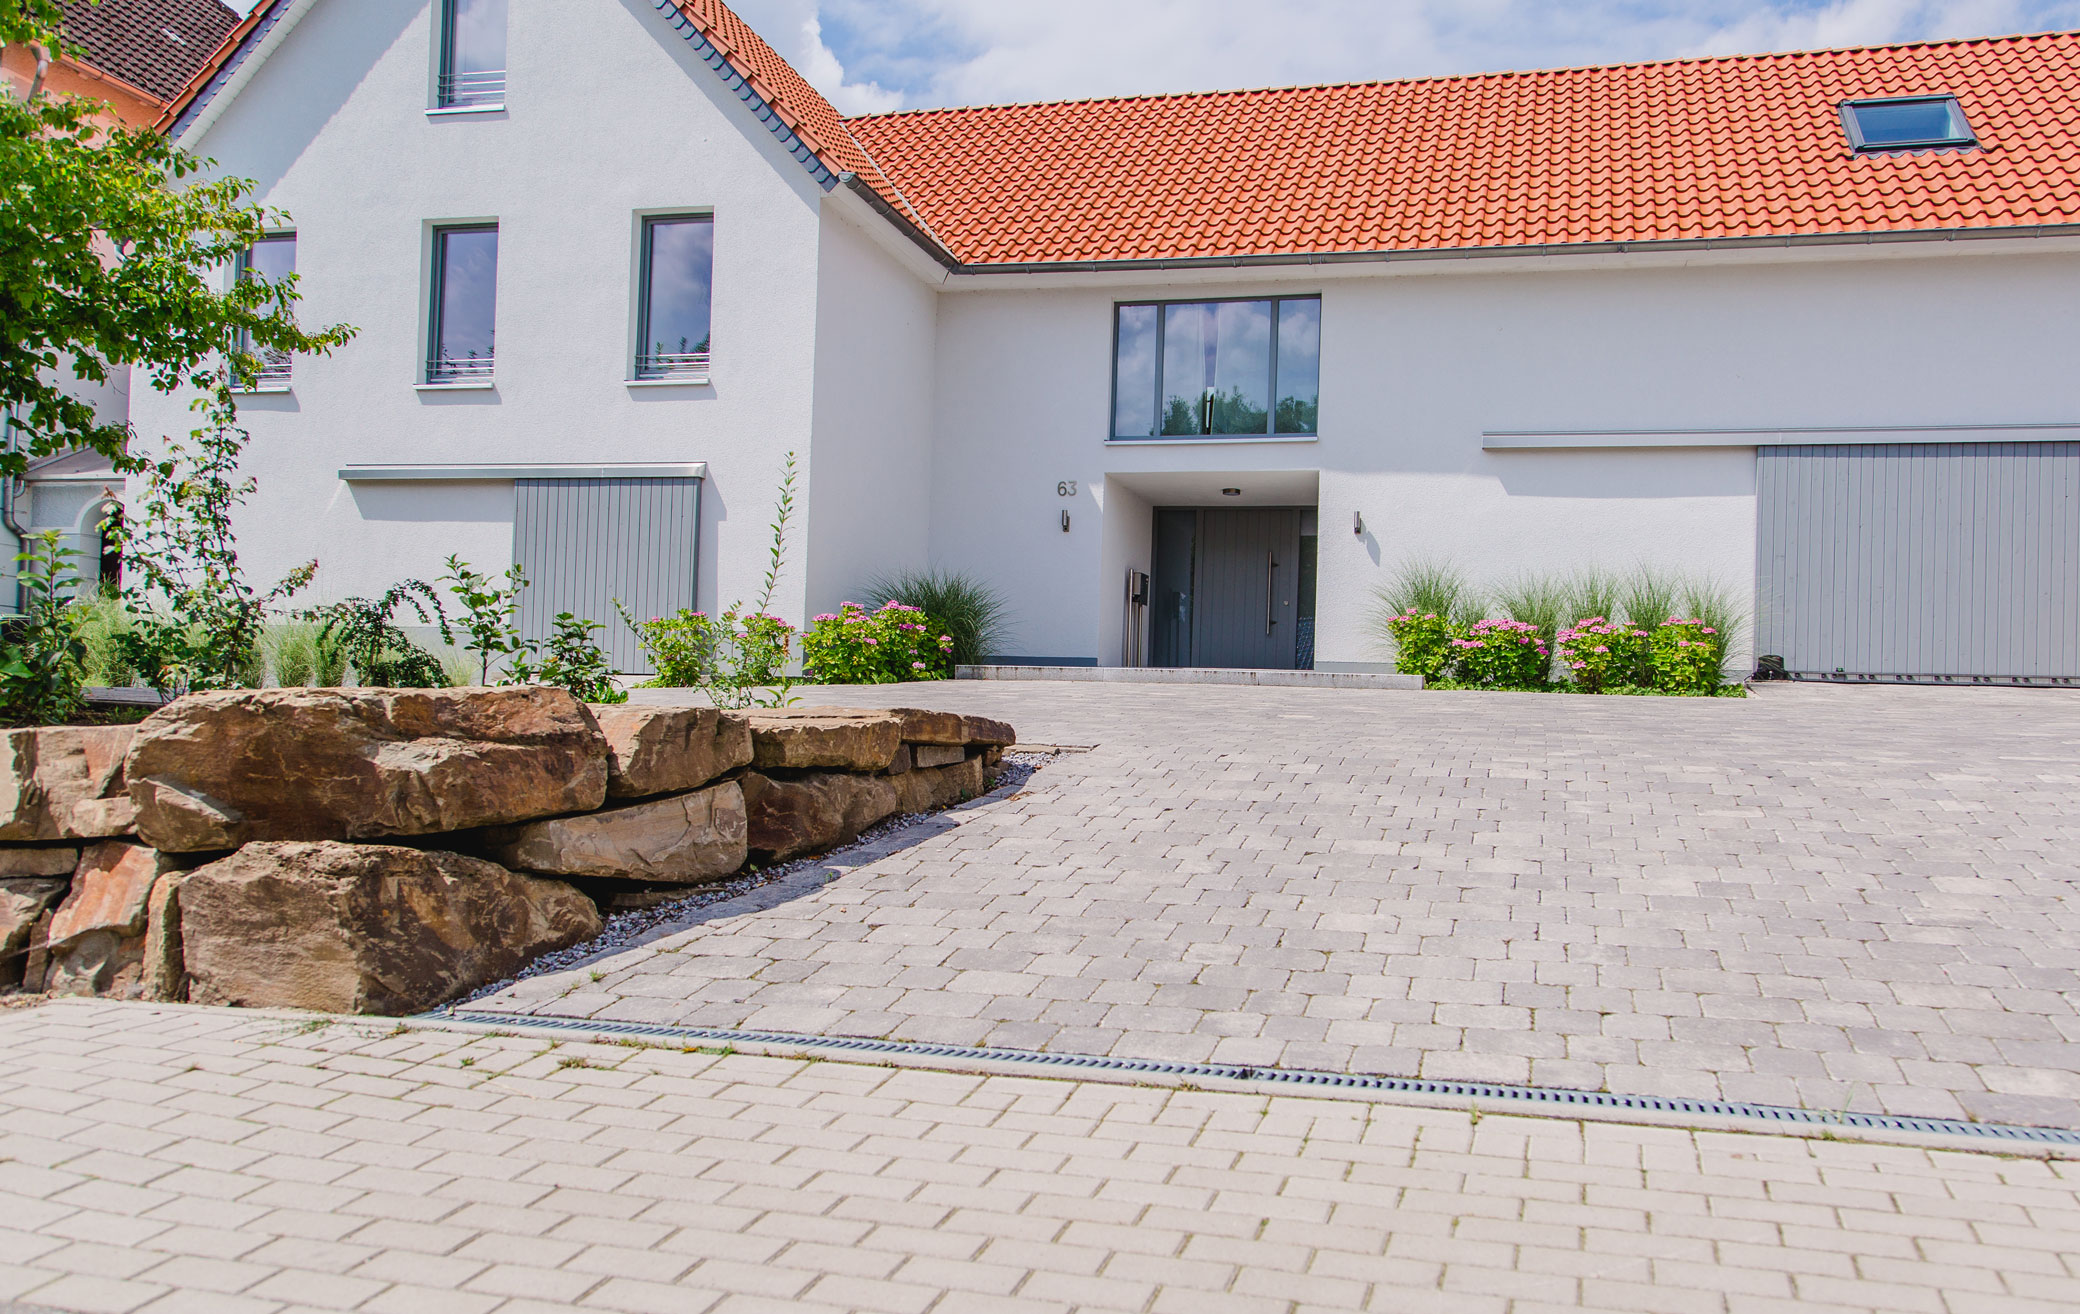 Mauerbau In Lage Lemgo Detmold Gartenlandschaftsbau Schröder